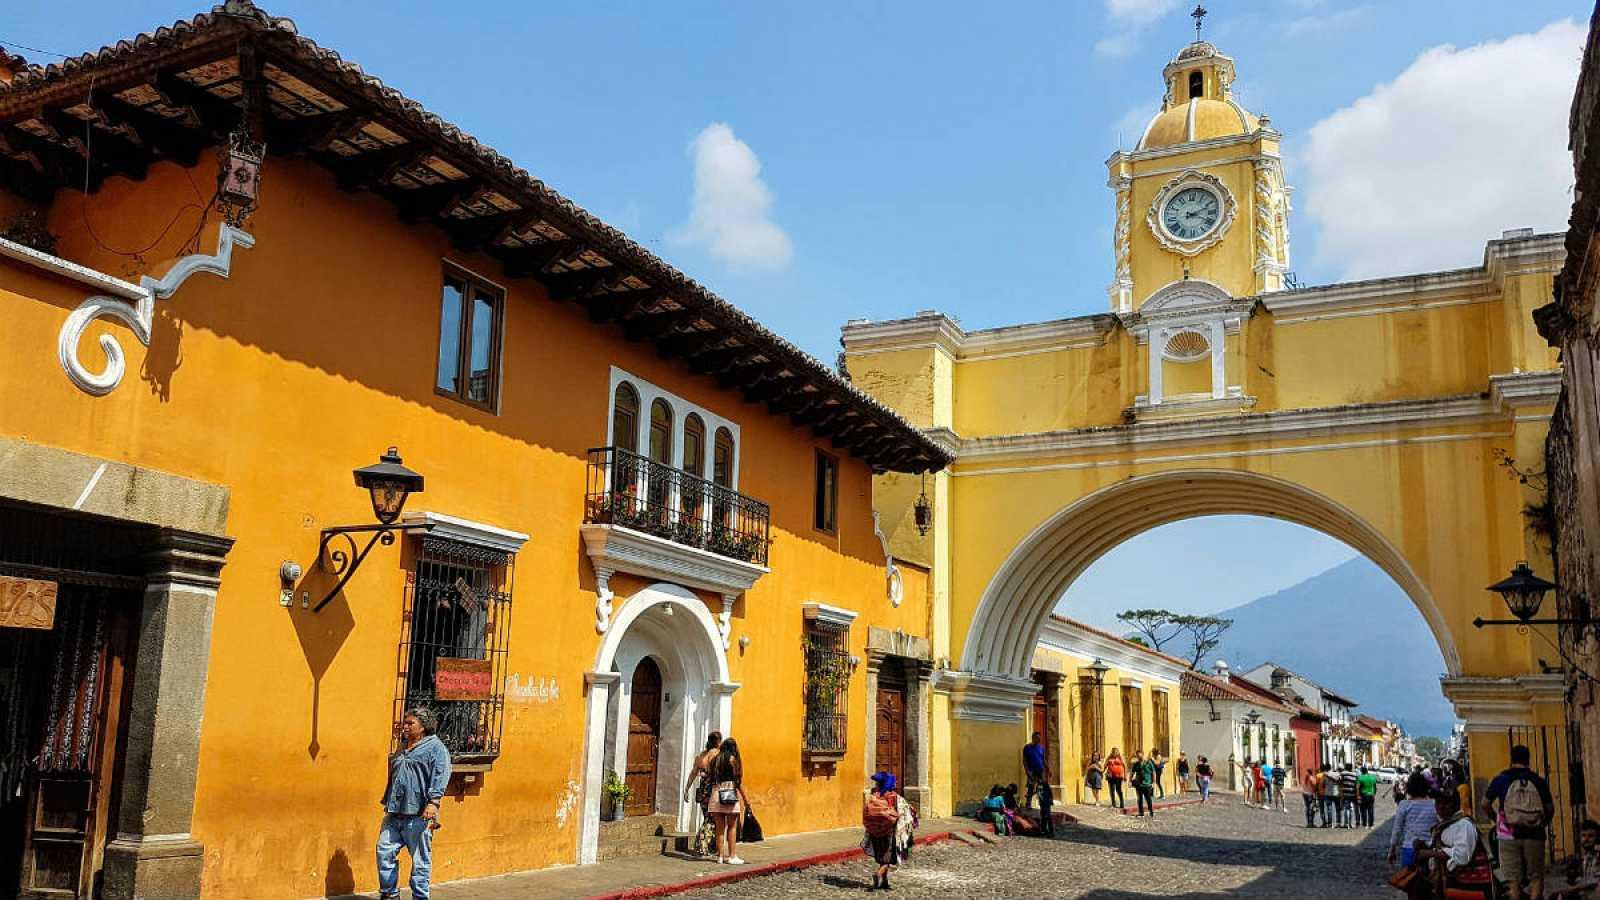 Nómadas - Guatemala: pasado colonial, raíces mayas - 11/06/17 - escuchar ahora